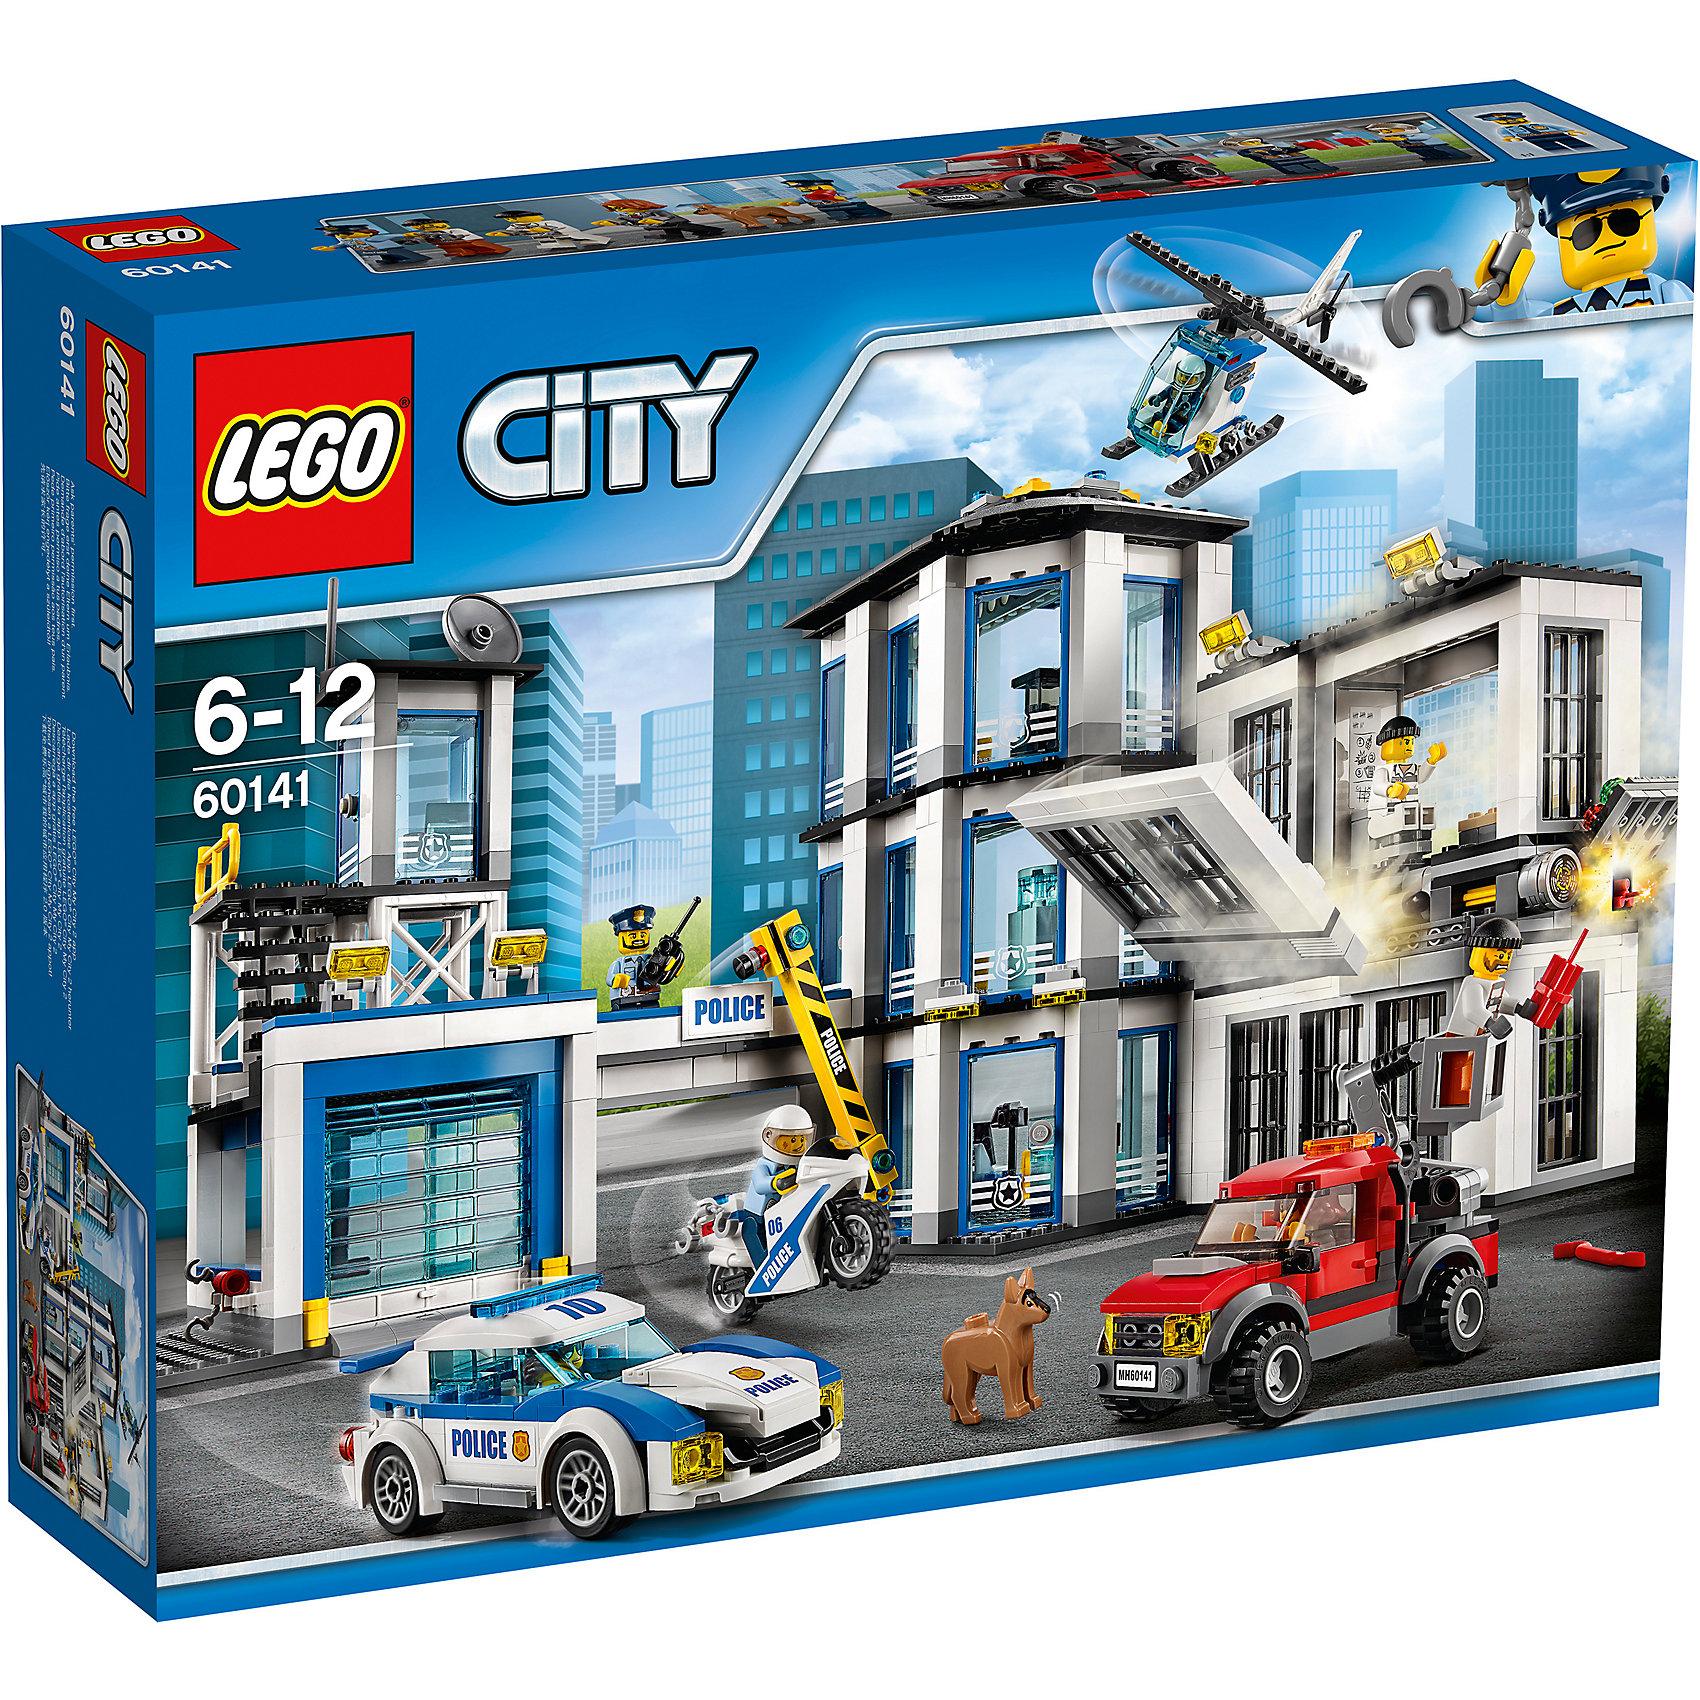 LEGO City 60141: Полицейский участокLEGO City 60141: Полицейский участок<br><br>Характеристики:<br><br>- в набор входит: банк, полицейский вертолет, полицейская машина, бульдозер, 5 фигурки людей, фигурка собаки, аксессуары, инструкция<br>- состав: пластик<br>- количество деталей: 894<br>- размер коробки: 48 * 11 * 38 см.<br>- размер полицейского участка: 36 * 24 * 36 см.<br>- вес: 2 200 гр.<br>- для детей в возрасте: от 6 до 12 лет<br>- Страна производитель: Дания/Китай/Чехия<br><br>Легендарный конструктор LEGO (ЛЕГО) представляет серию «City» (Сити) в виде деталей жизни большого города, в котором есть абсолютно все. Серия делает игры еще более настоящими, благодаря отличным аксессуарам. Стражи закона Лего Сити всегда готовы прийти на помощь жителям города. Их новый полицейский участок выполняет все для охраны порядка в городе. Трехэтажный офис со всем необходимым оборудованием справляется с вызовами и расследованием даже самых сложных дел. Специальный отдел К-9 в своих рядах имеет четвероногого офицера с исключительными навыками поиска и захвата преступников. Большая двухэтажная тюрьма обеспечена кроватями и готова принять заключенных. Гараж для полицейской машины и скоростного мотоцикла обеспечивает безопасность полицейского транспорта. Въезд на территорию полицейского участка осуществляется через ворота и шлагбаум. Смотровая площадка обеспечивает контроль въезда и надежность тюремного отсека. Участок оснащен вертолетной площадкой и патрульным вертолетом. Преступления любой категории по плечу этому отделению полиции. В набор входит красный подъемник грабителей, которые хотят проникнуть в тюрьму и организовать побег. Четыре полицейских с разными дизайнами будут охранять Лего Сити, а три опасных преступника бросят вызов стражам порядка. Помоги полицейским добиться справедливости. Моделируй разные истории и ситуации в Лего Сити! Этот большой набор отлично подойдет как новичкам Лего, так и преданным фанатам и коллекционерам серии.<br><br>Конструктор  LEGO City 60141: